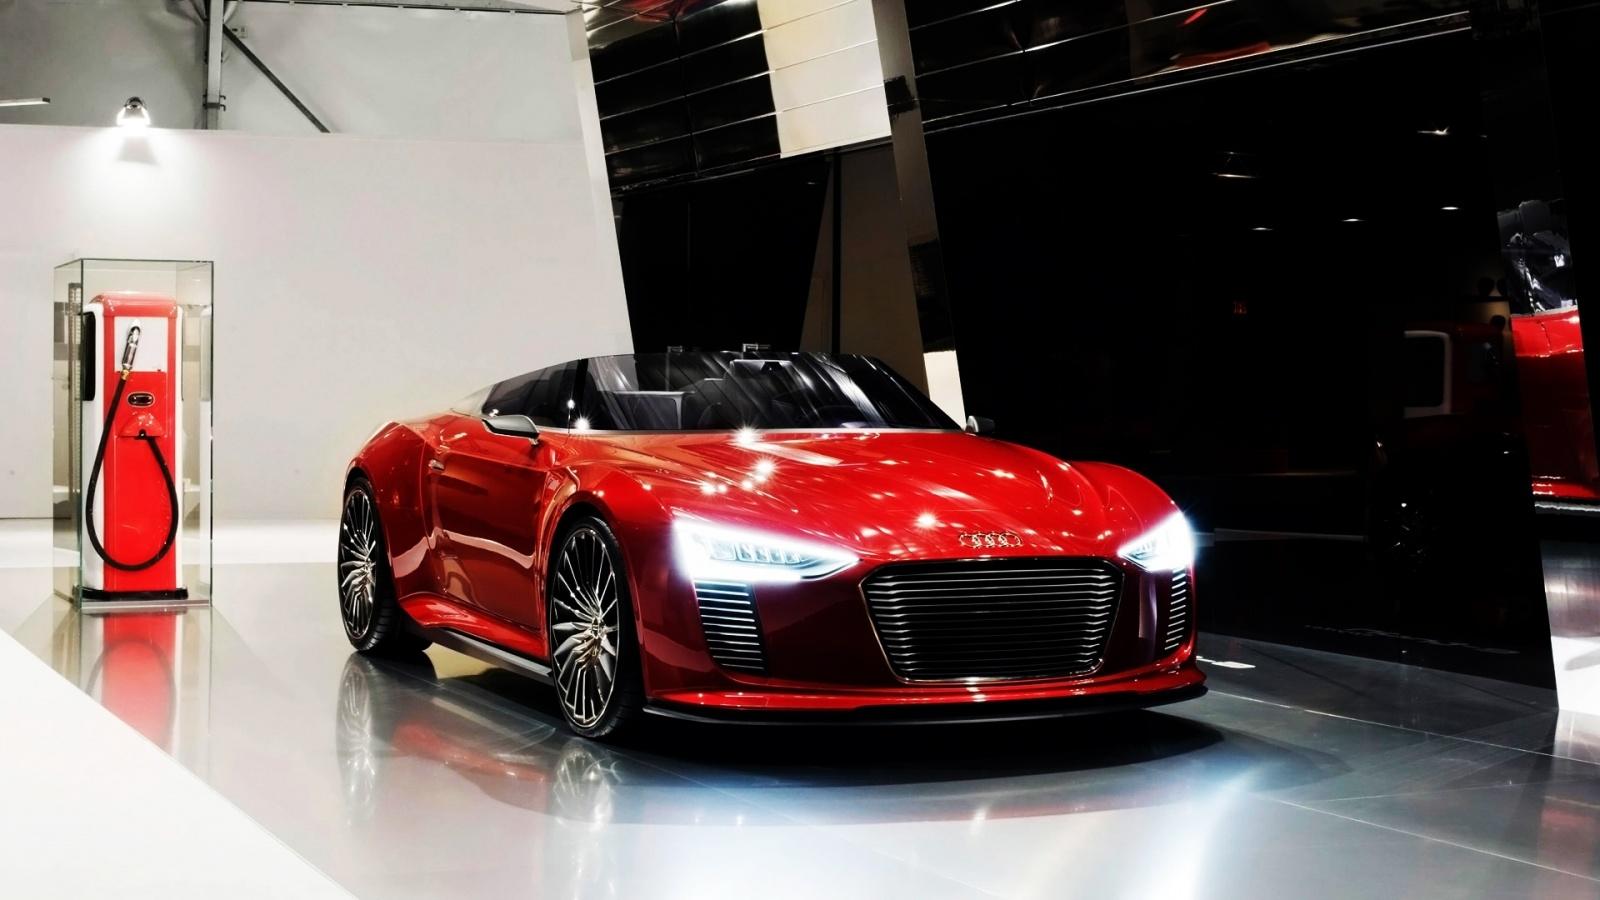 http://2.bp.blogspot.com/-GGiwcXWqTcw/T29UJxnL_EI/AAAAAAAAA_c/d9EU8uVlnFk/s1600/Red_Audi_Tron_Spyder_HD_Car_Wallpaper.jpg